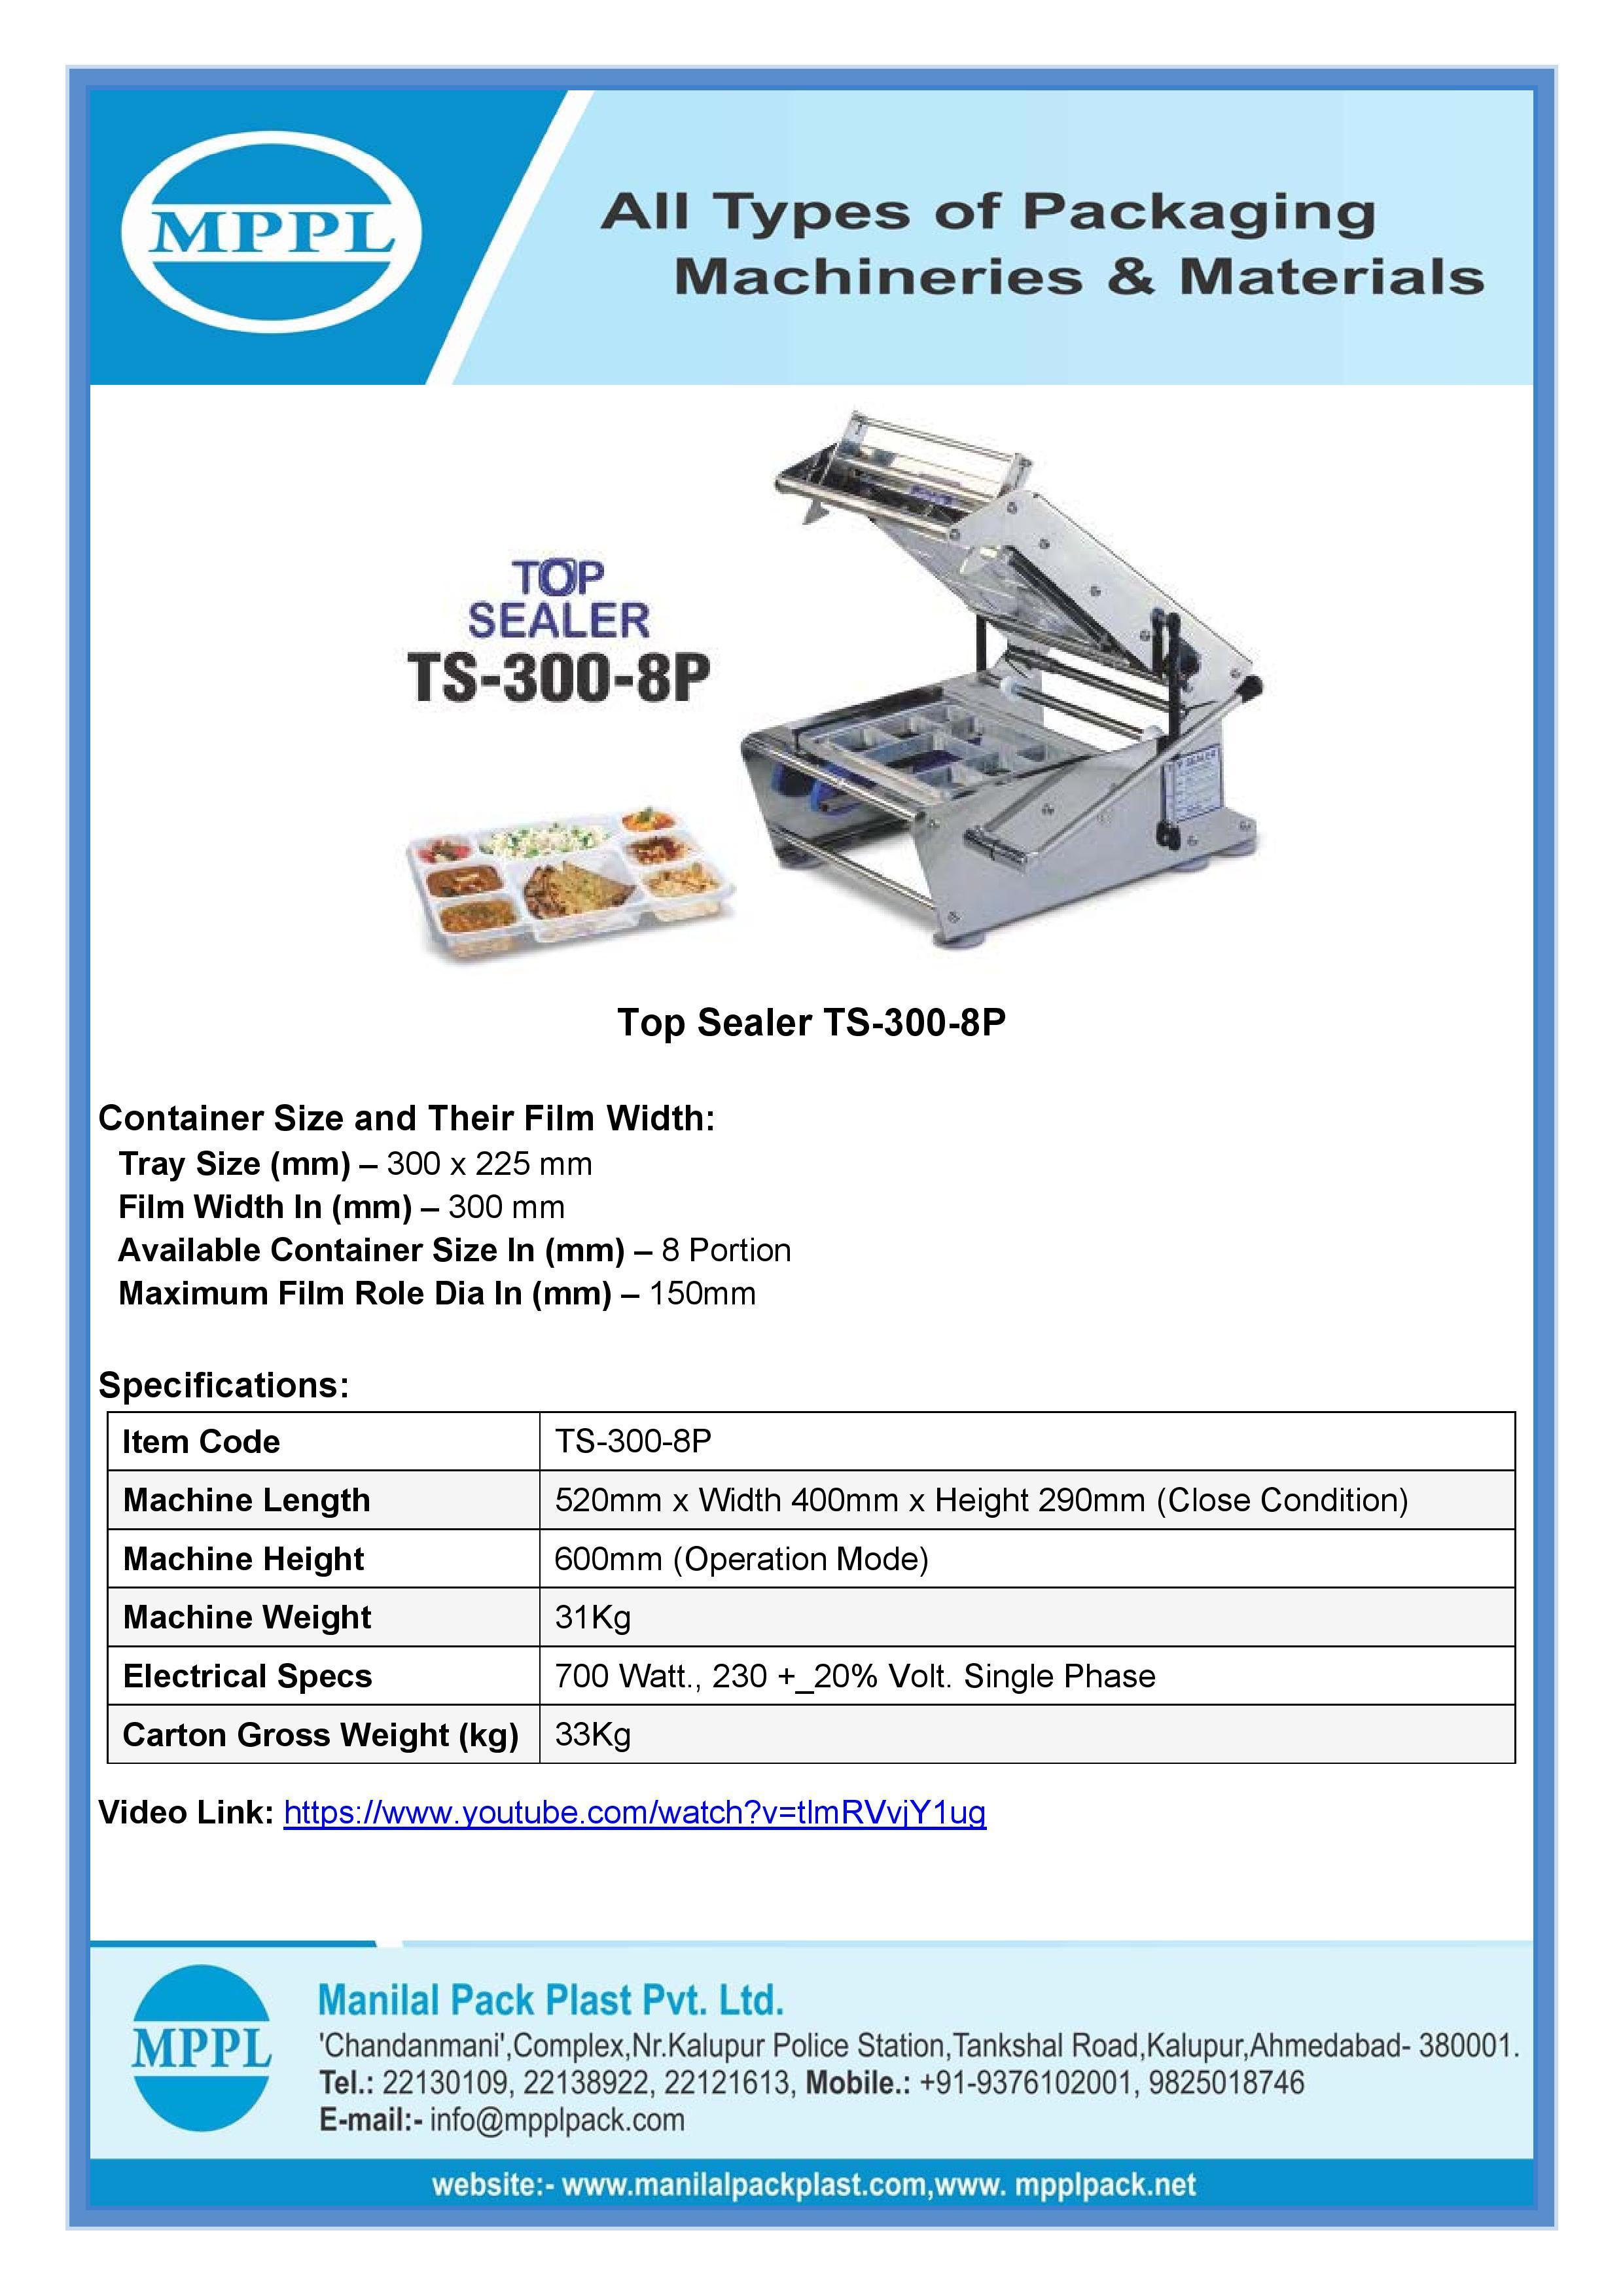 Top Sealer TS-300-8P